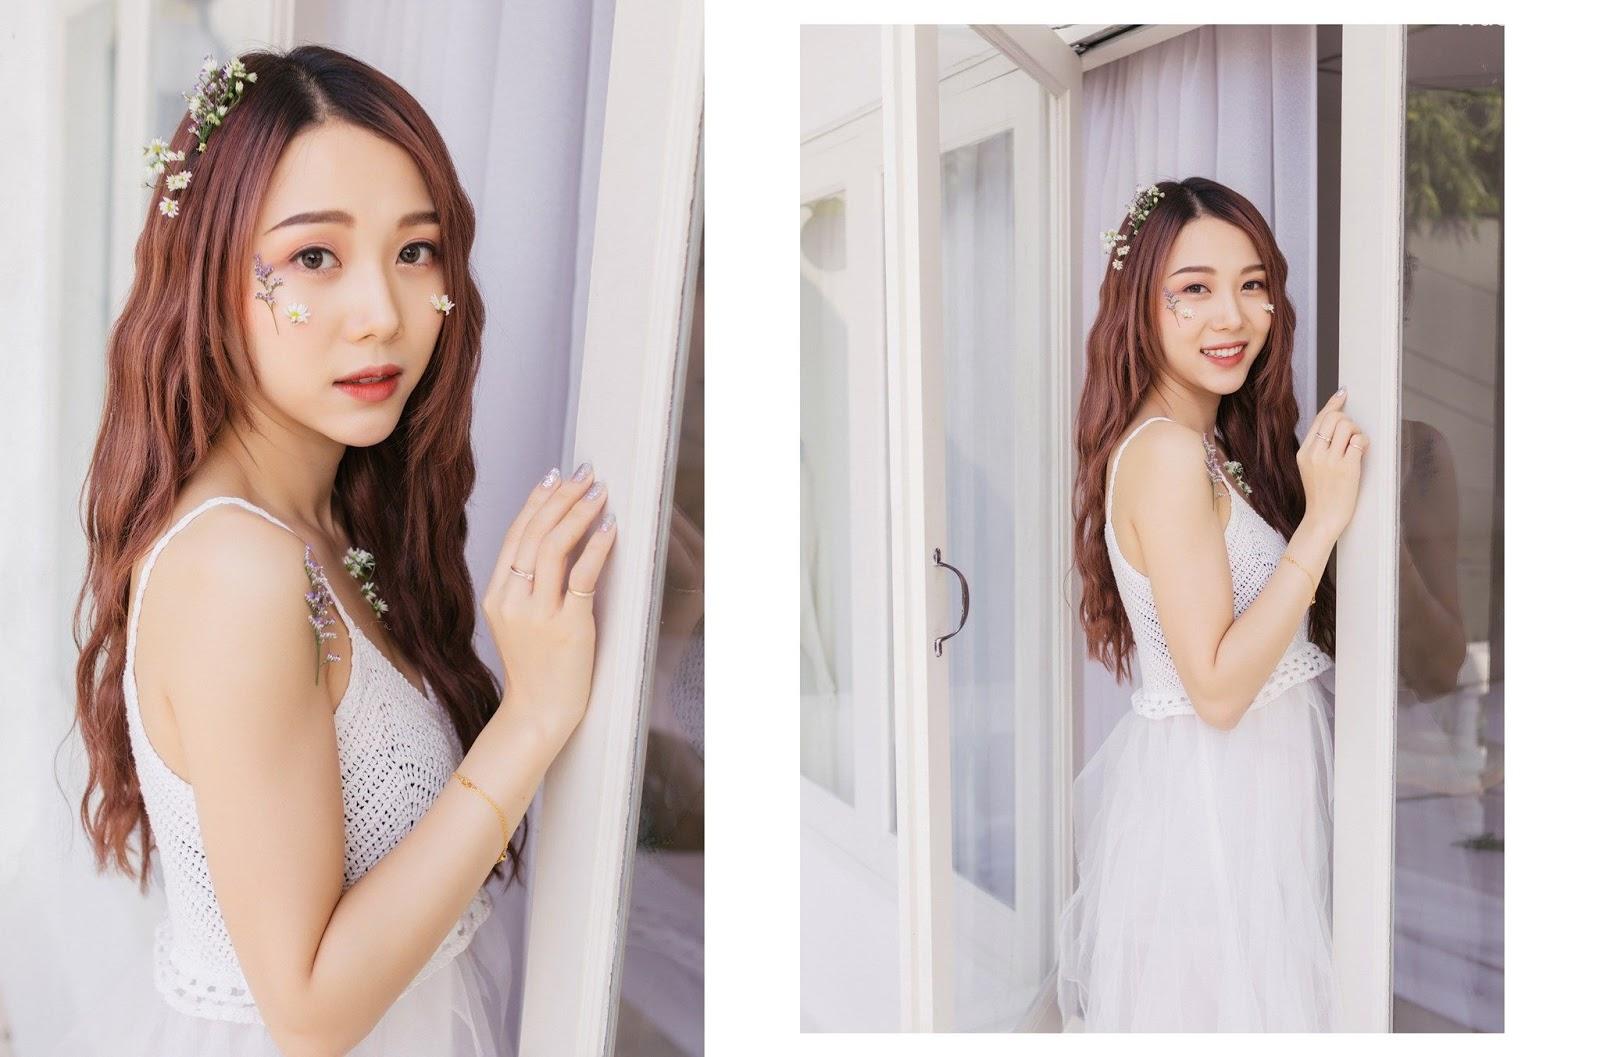 Thailand beautiful model Popor Saechur with photo album Little Princess - Picture 6